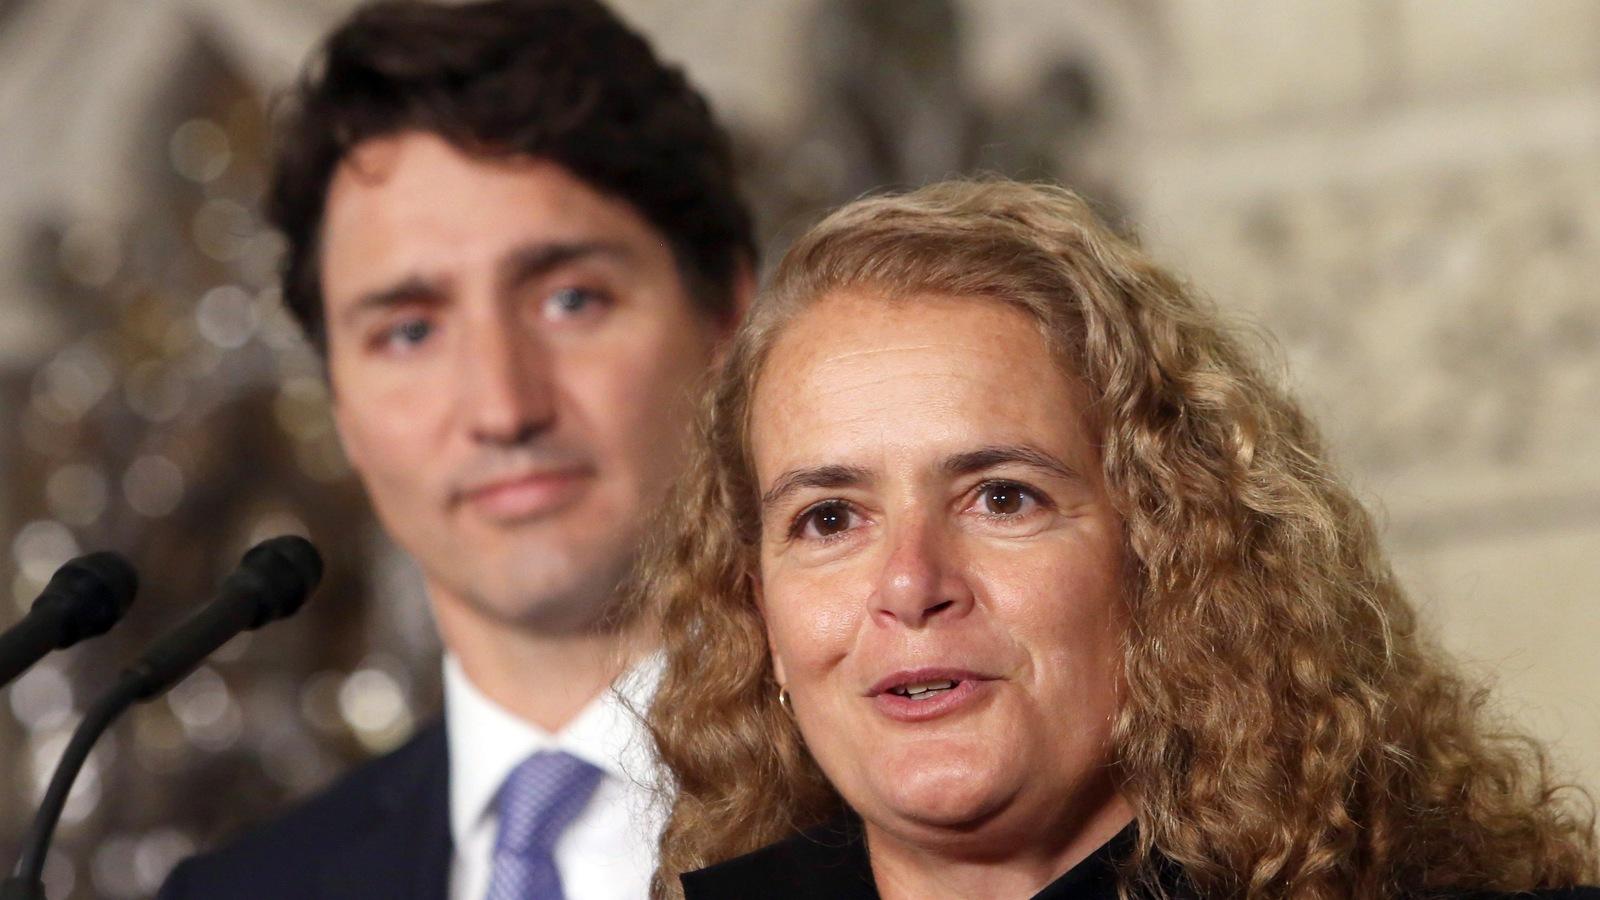 Le premier ministre du Canada, Justin Trudeau et l'ex-astronaute Julie Payette, gouverneure générale désignée du Canada, le 13 juillet 2017